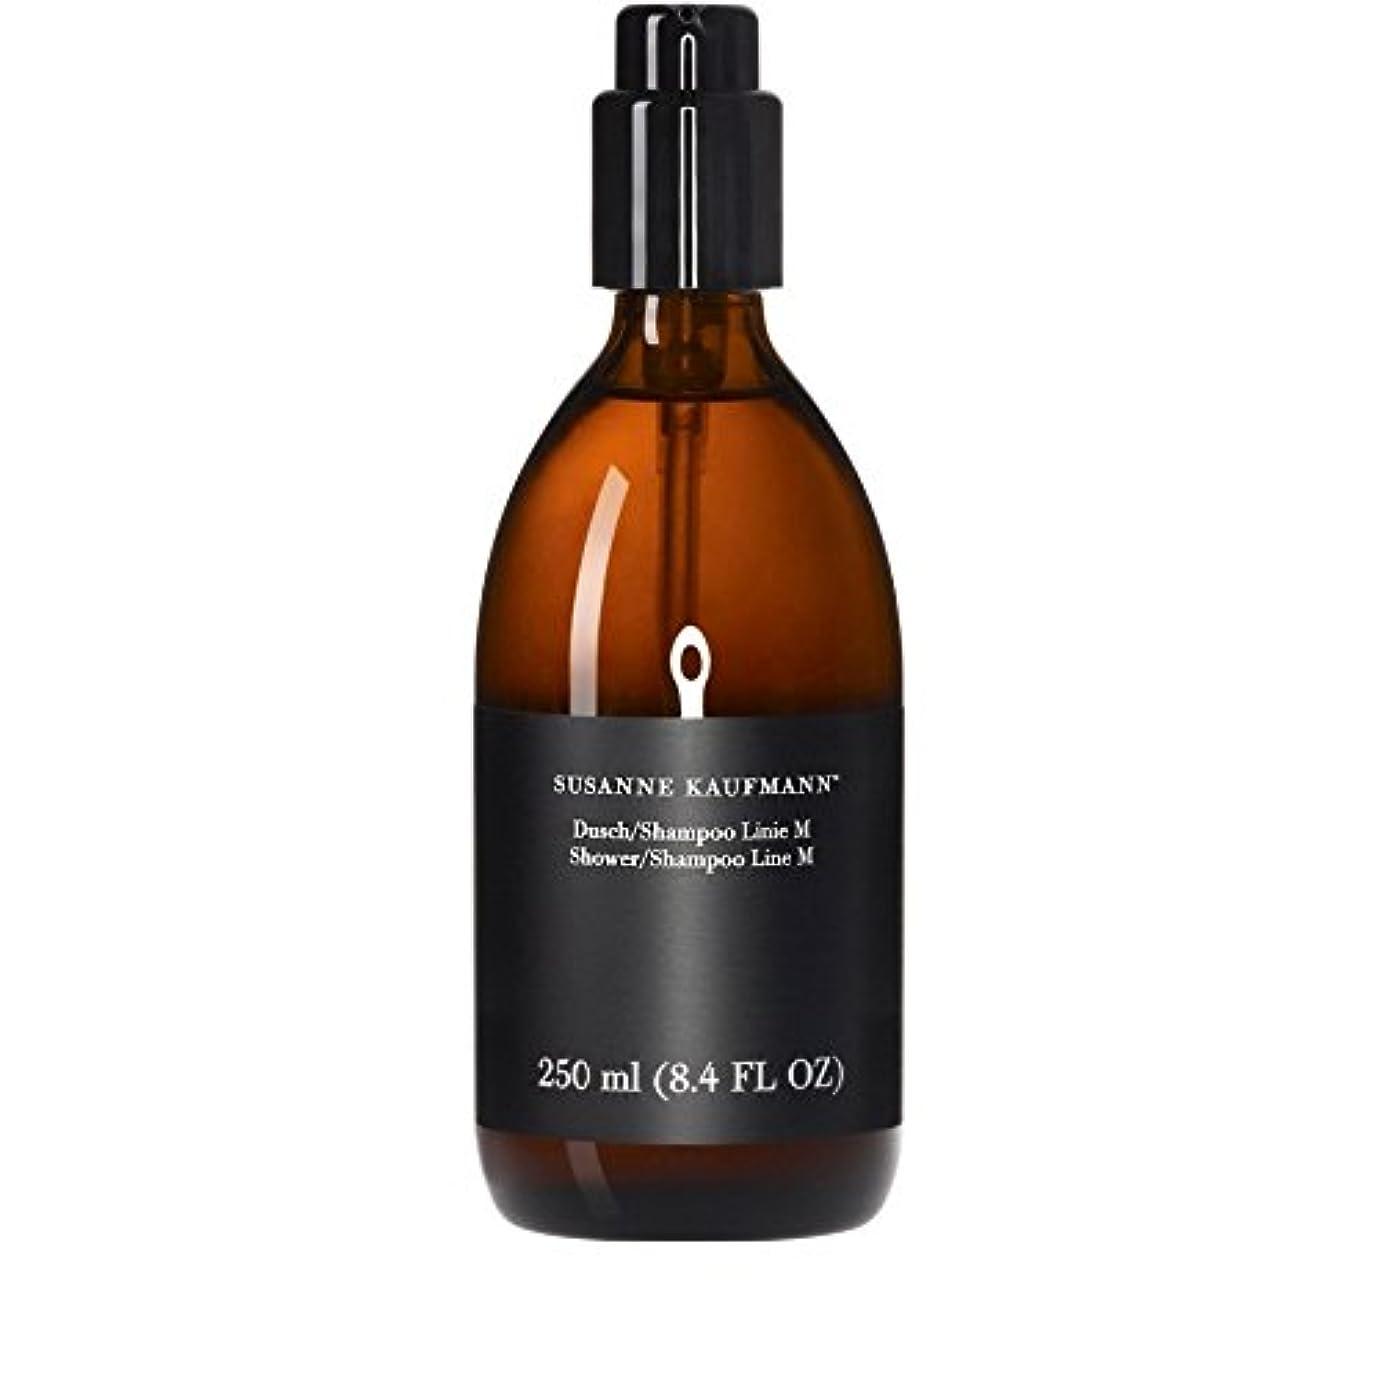 海上倍増毒性男性のためのスザンヌカウフマンシャワー/シャンプー250ミリリットル x2 - Susanne Kaufmann Shower/Shampoo for Men 250ml (Pack of 2) [並行輸入品]